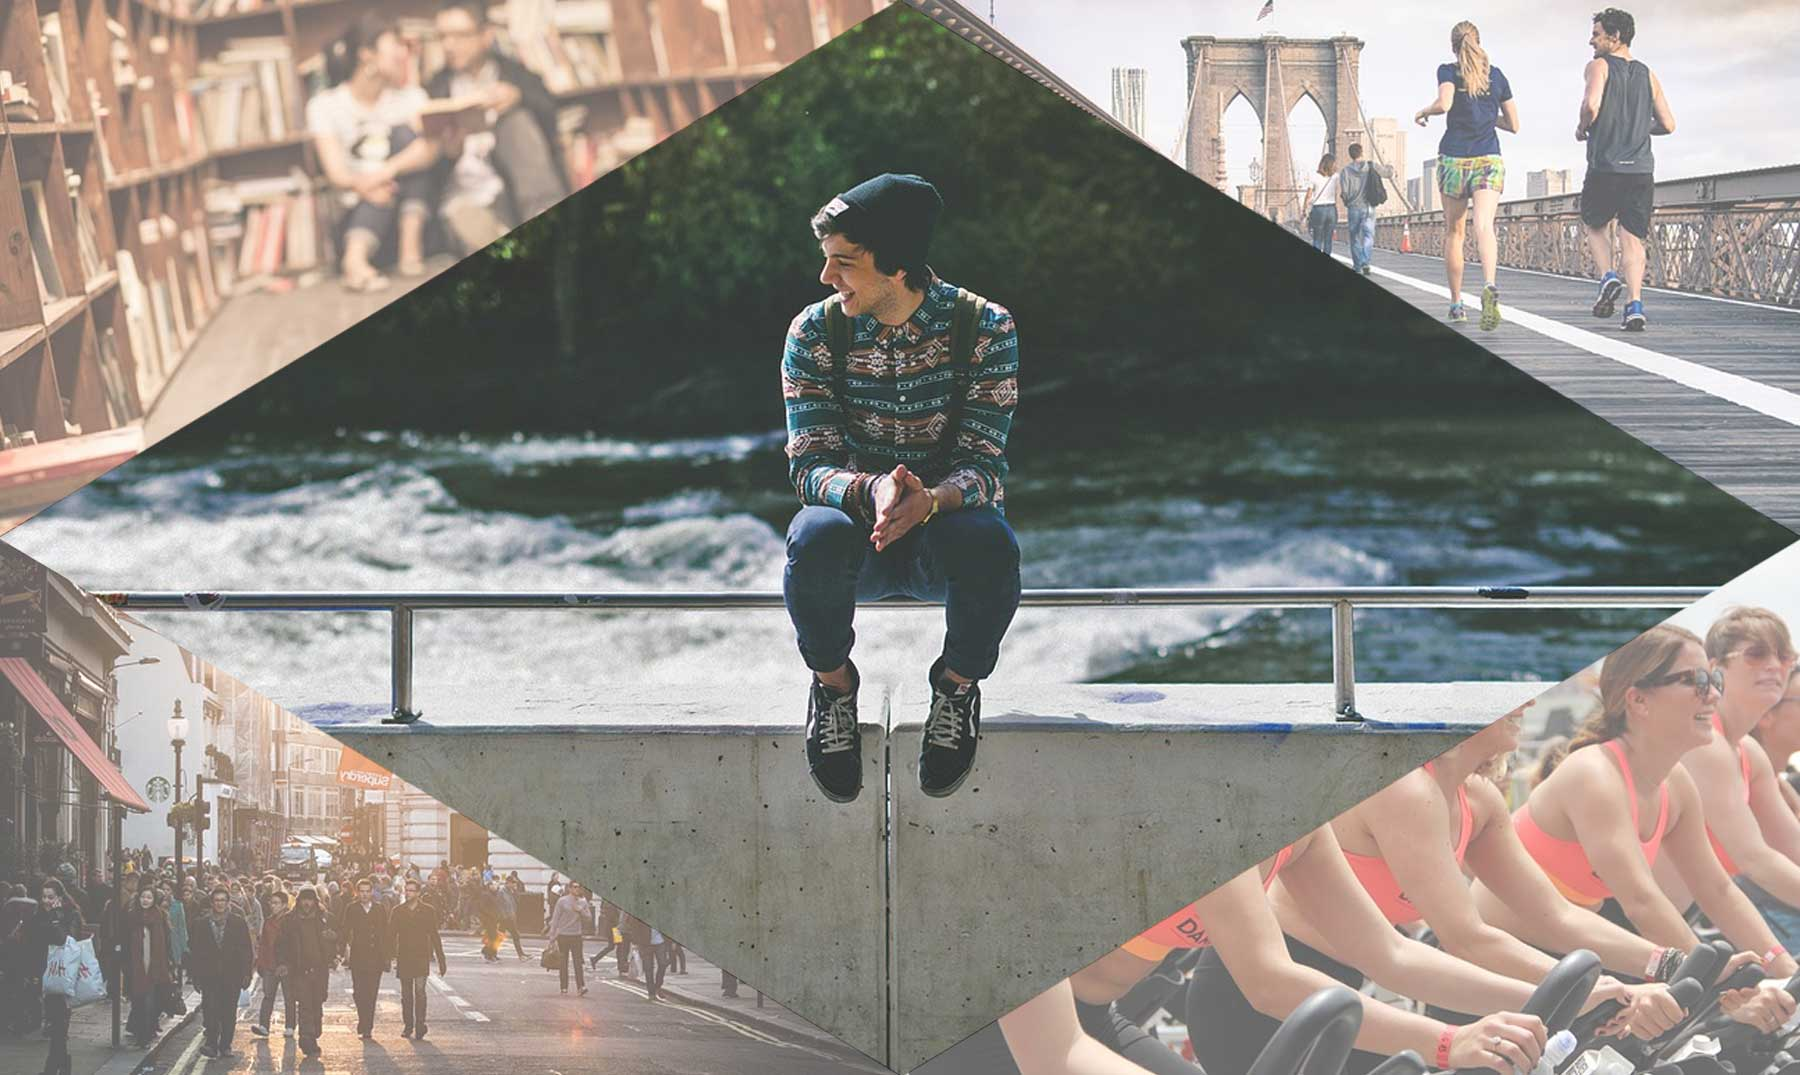 Conocer personas en tu ciudad euros videos Orihuela-5528